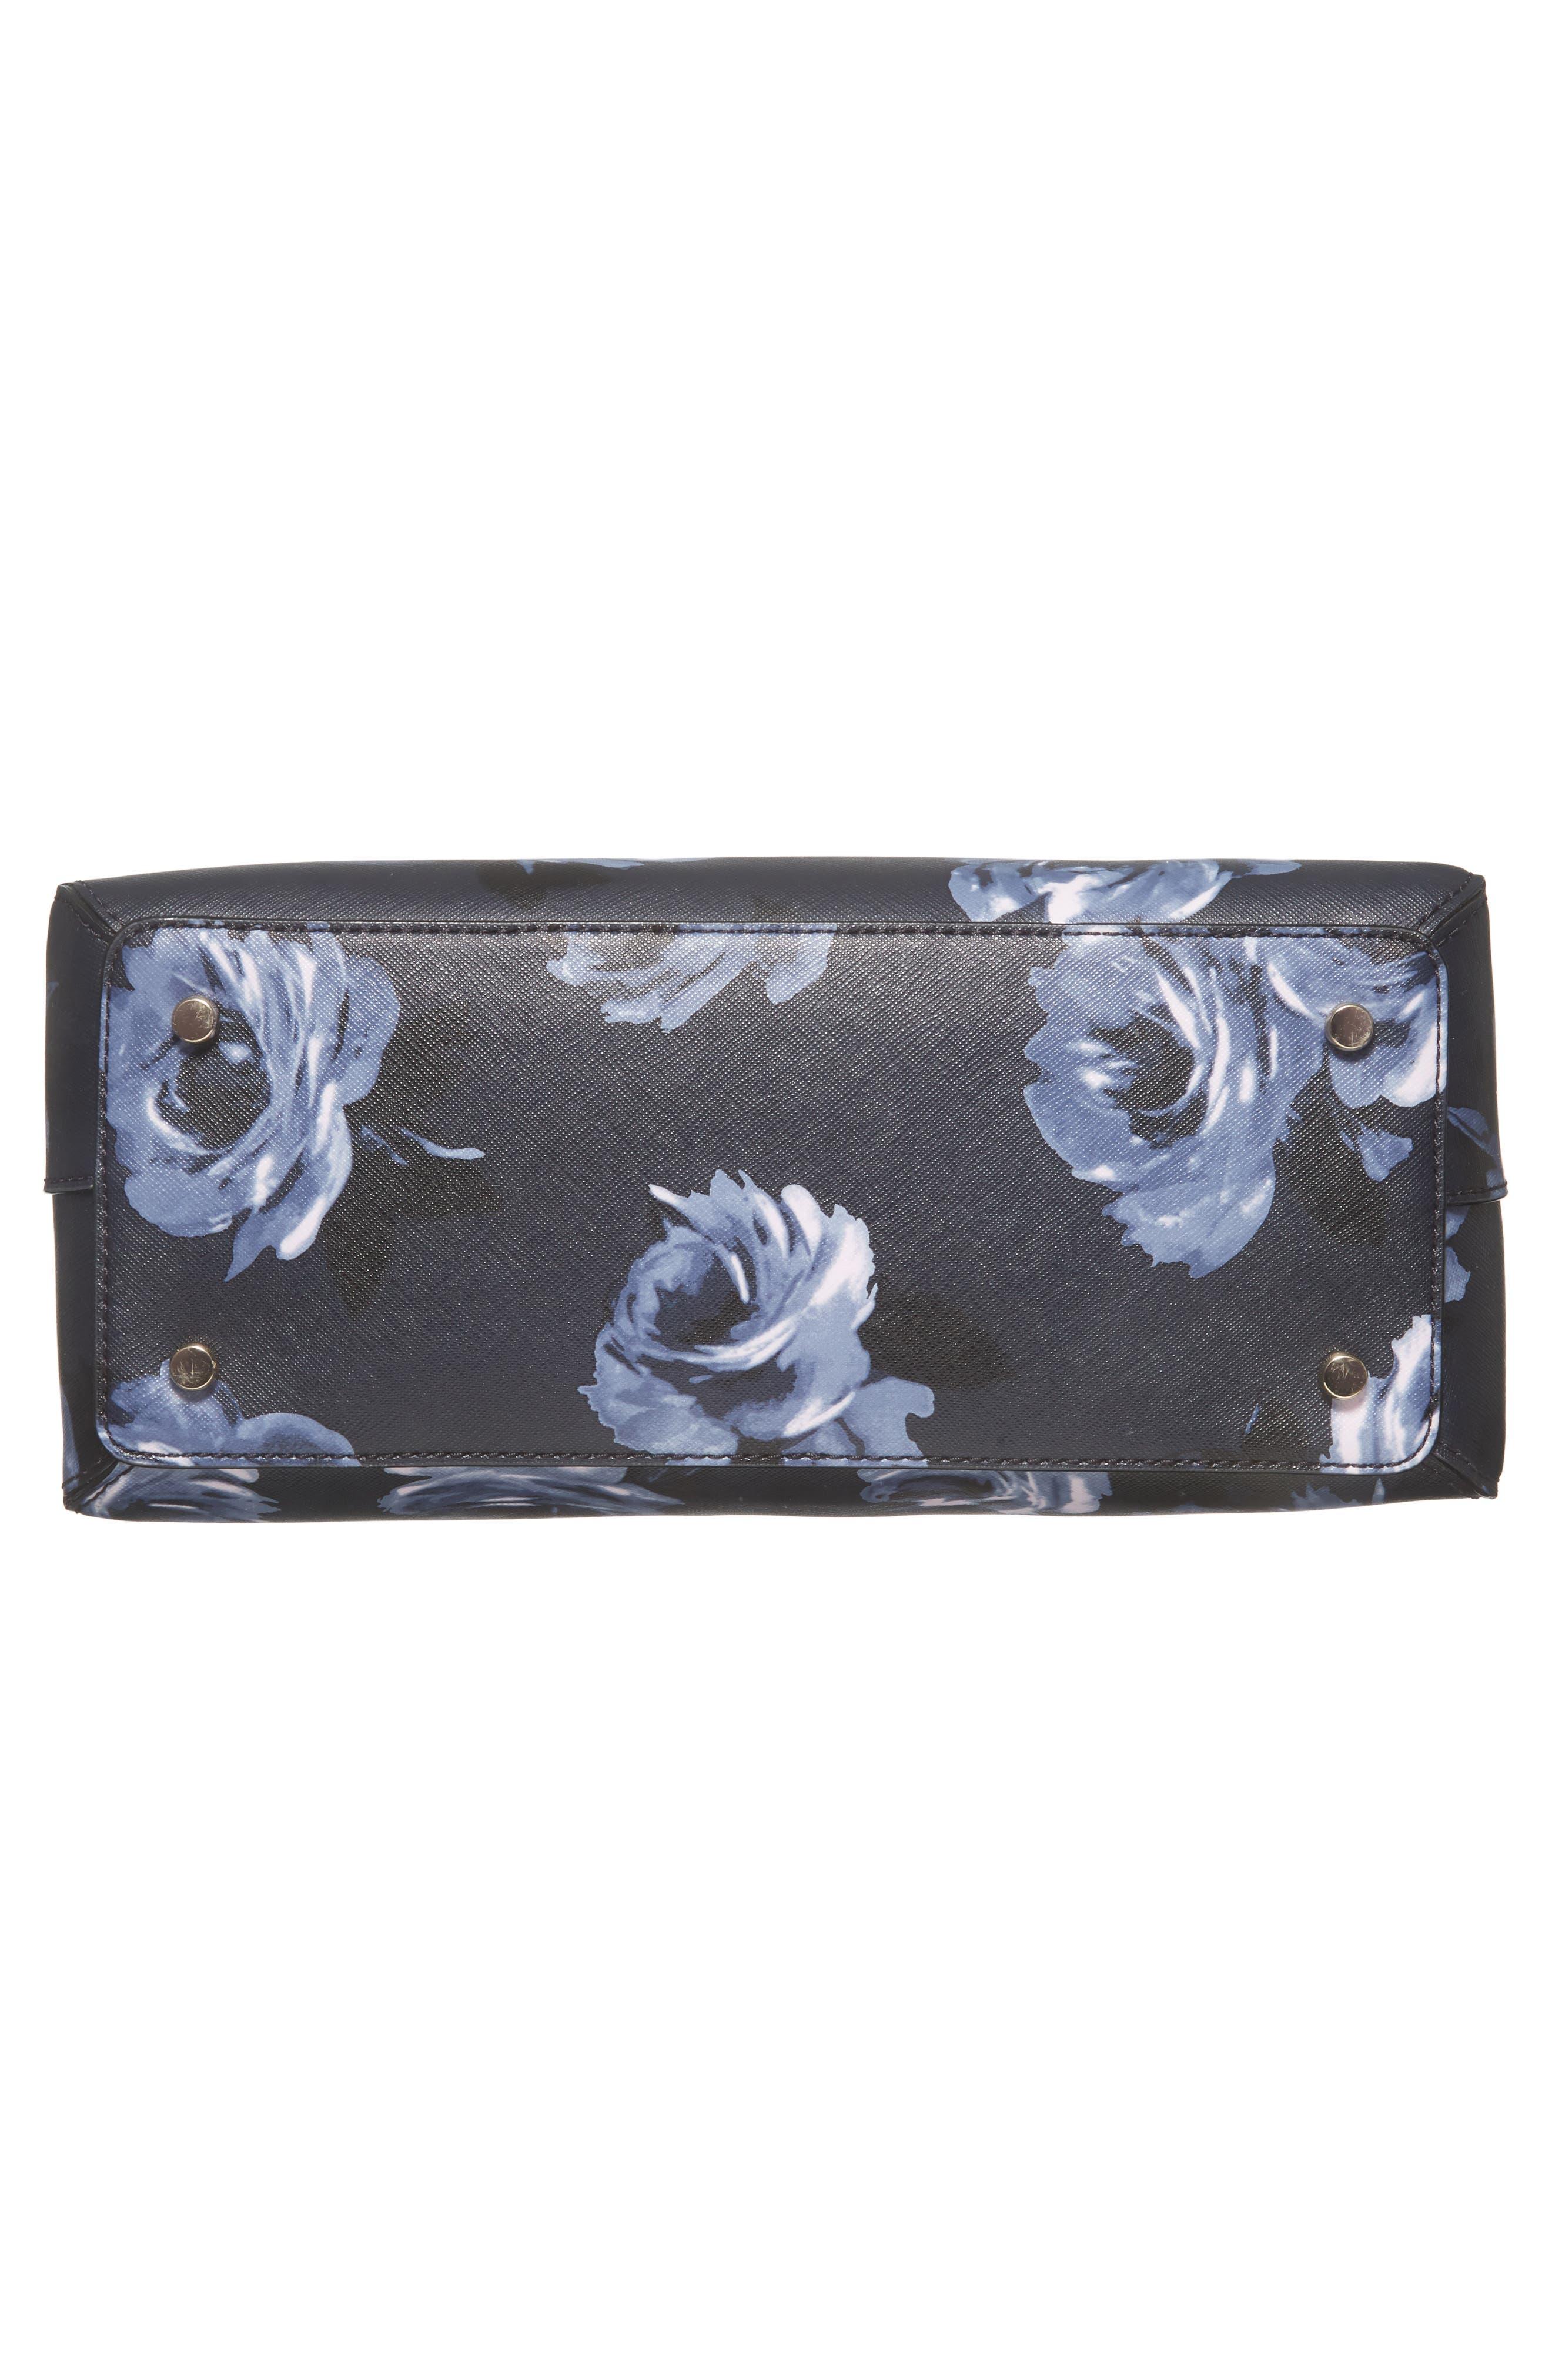 cameron street lottie floral faux leather satchel,                             Alternate thumbnail 6, color,                             458